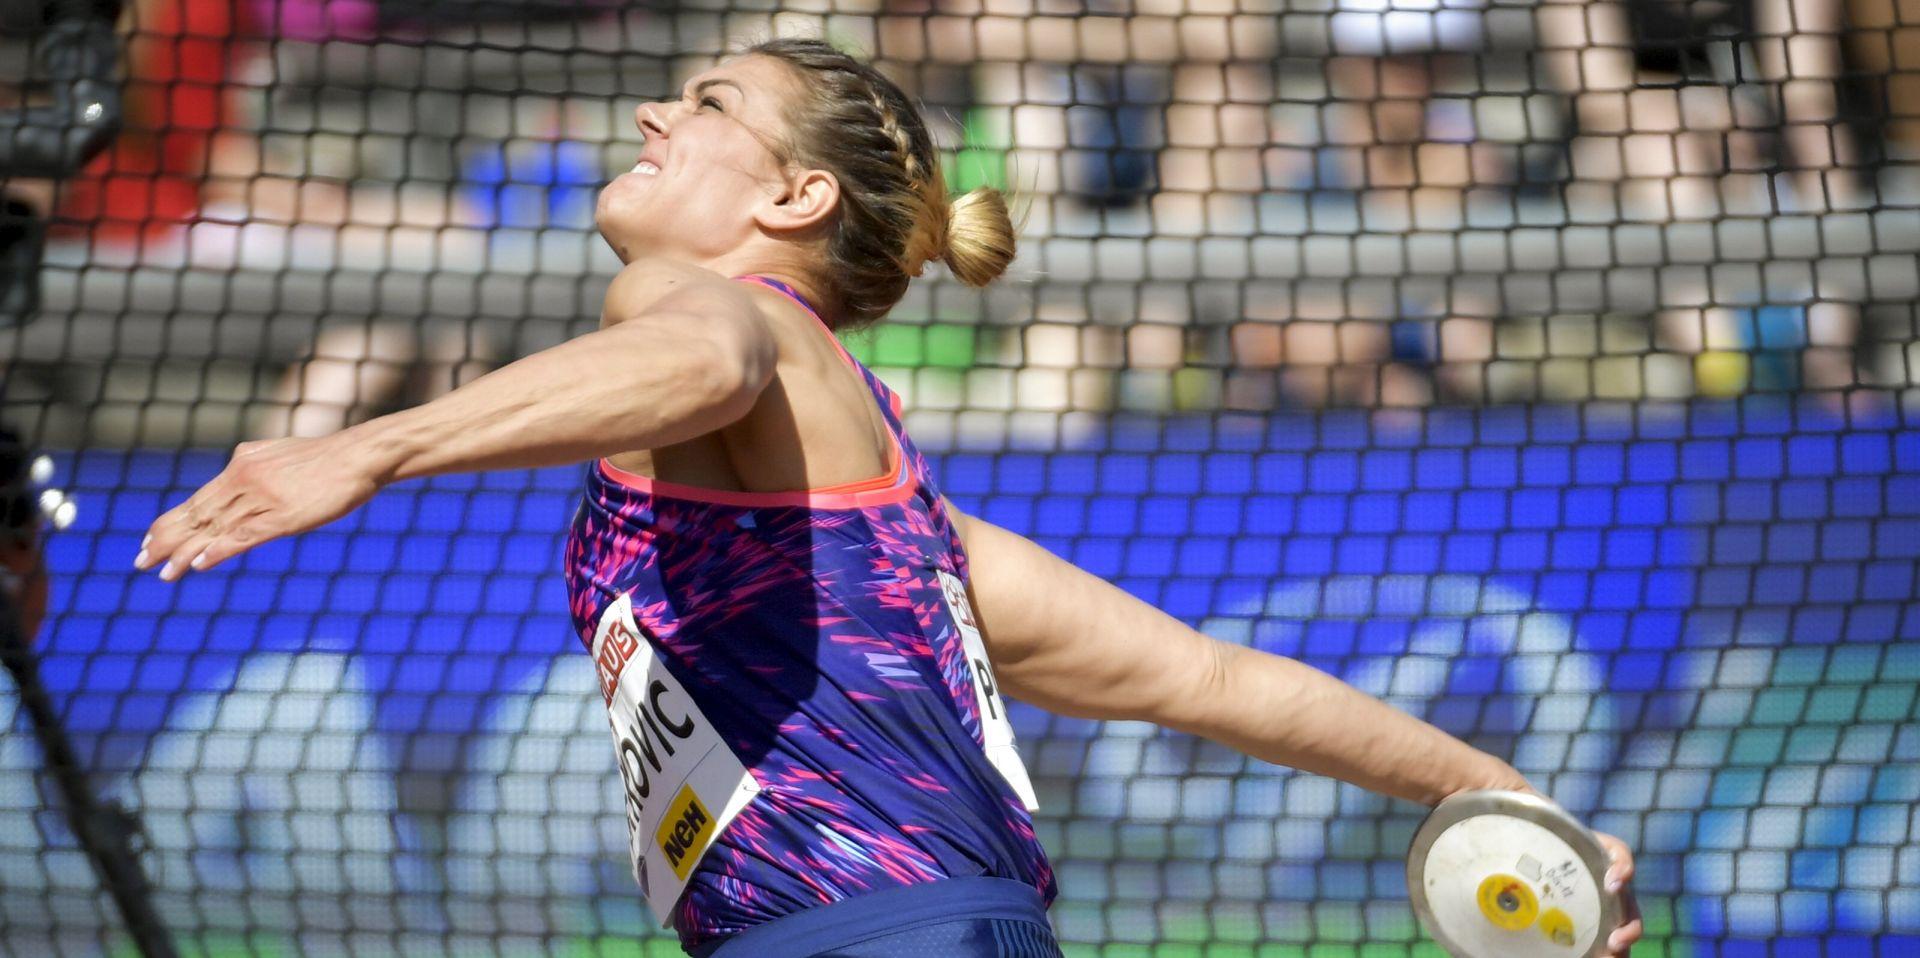 DIJAMANTNA LIGA Sandra Perković osvojila drugo mjesto u Stockholmu